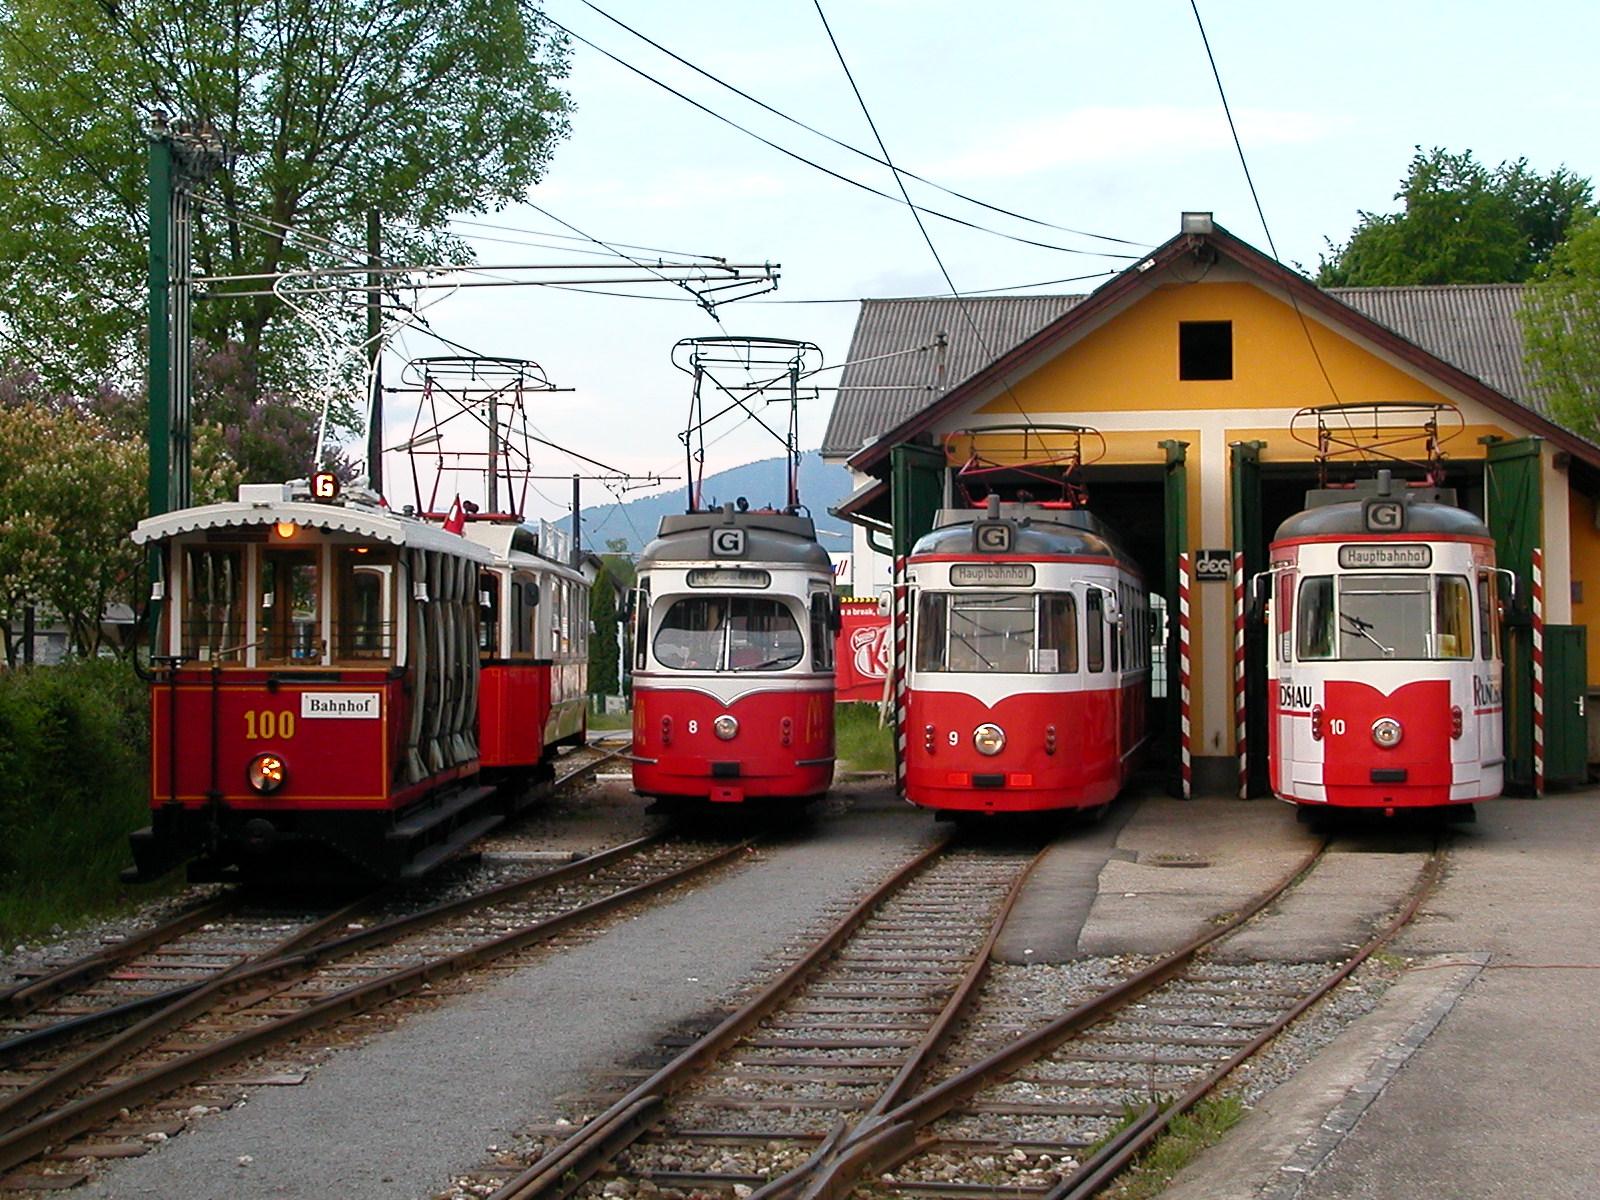 tramwaje w Gmunden